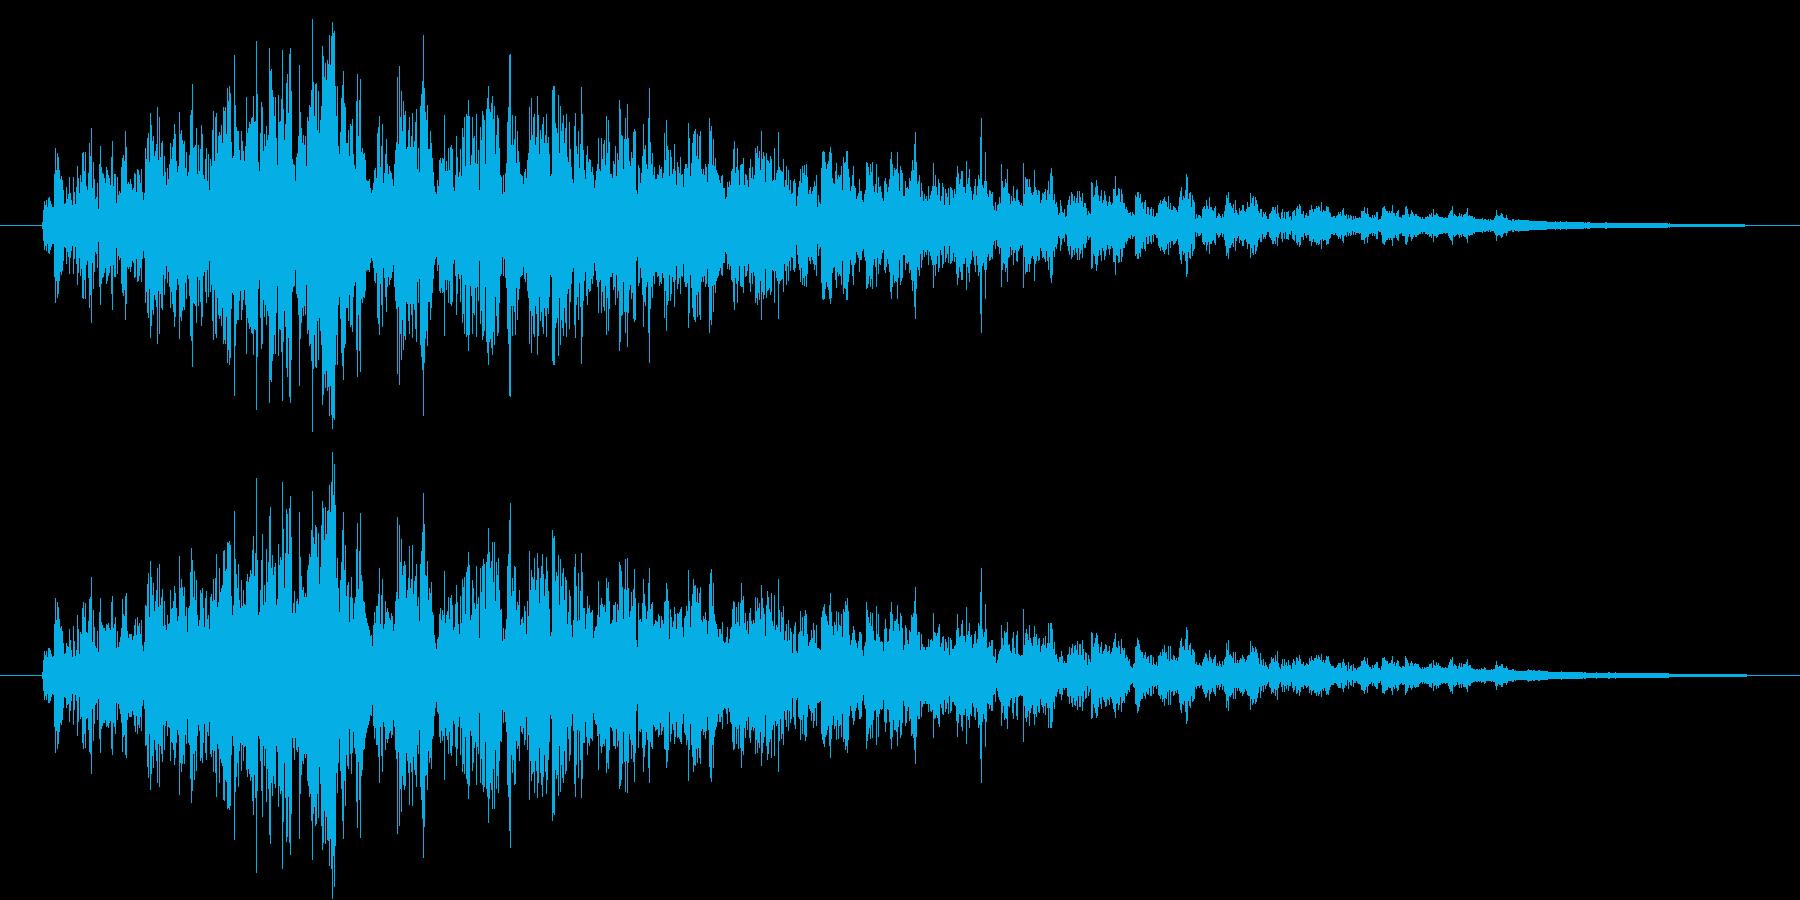 エナジードレイン(HP吸収)の再生済みの波形